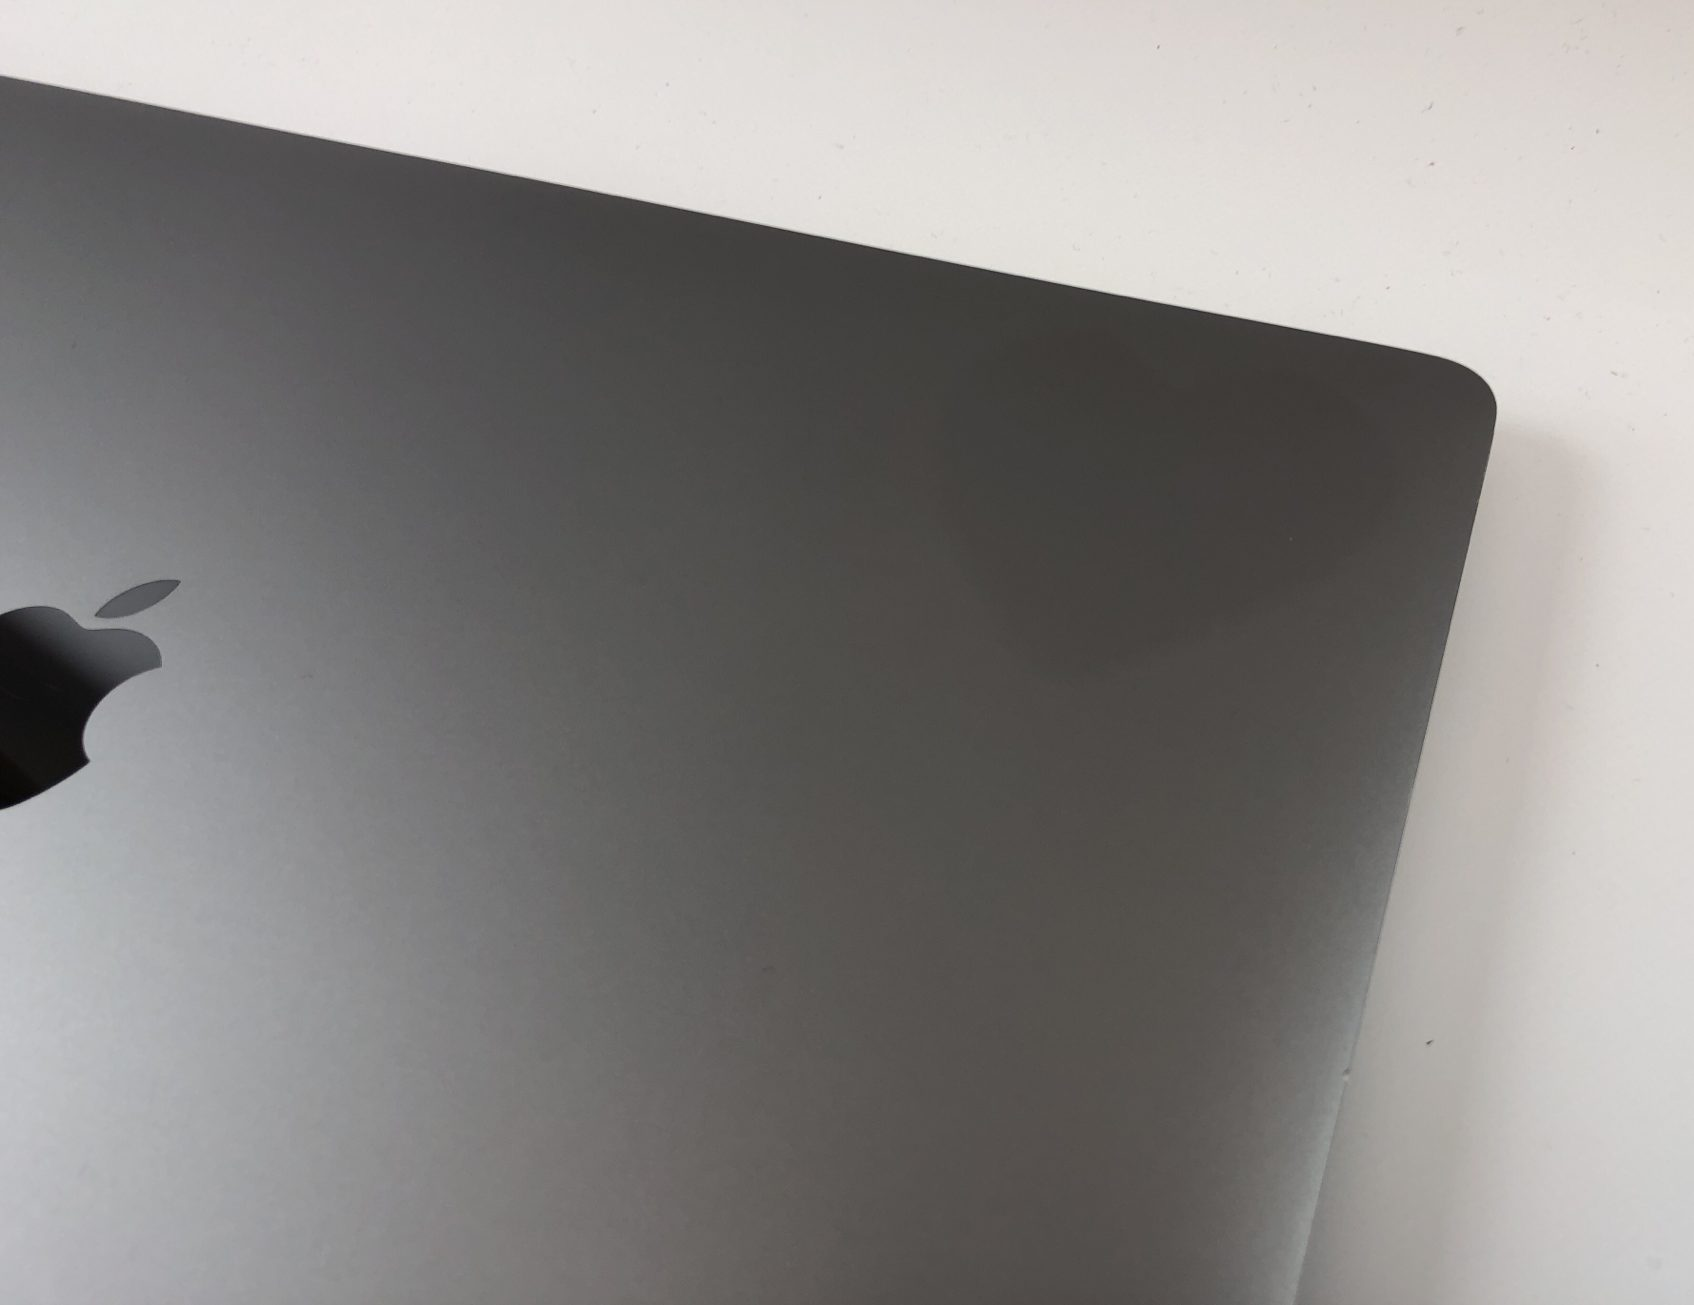 """MacBook Pro 15"""" Touch Bar Mid 2017 (Intel Quad-Core i7 2.9 GHz 16 GB RAM 512 GB SSD), Space Gray, Intel Quad-Core i7 2.9 GHz, 16 GB RAM, 512 GB SSD, Kuva 4"""